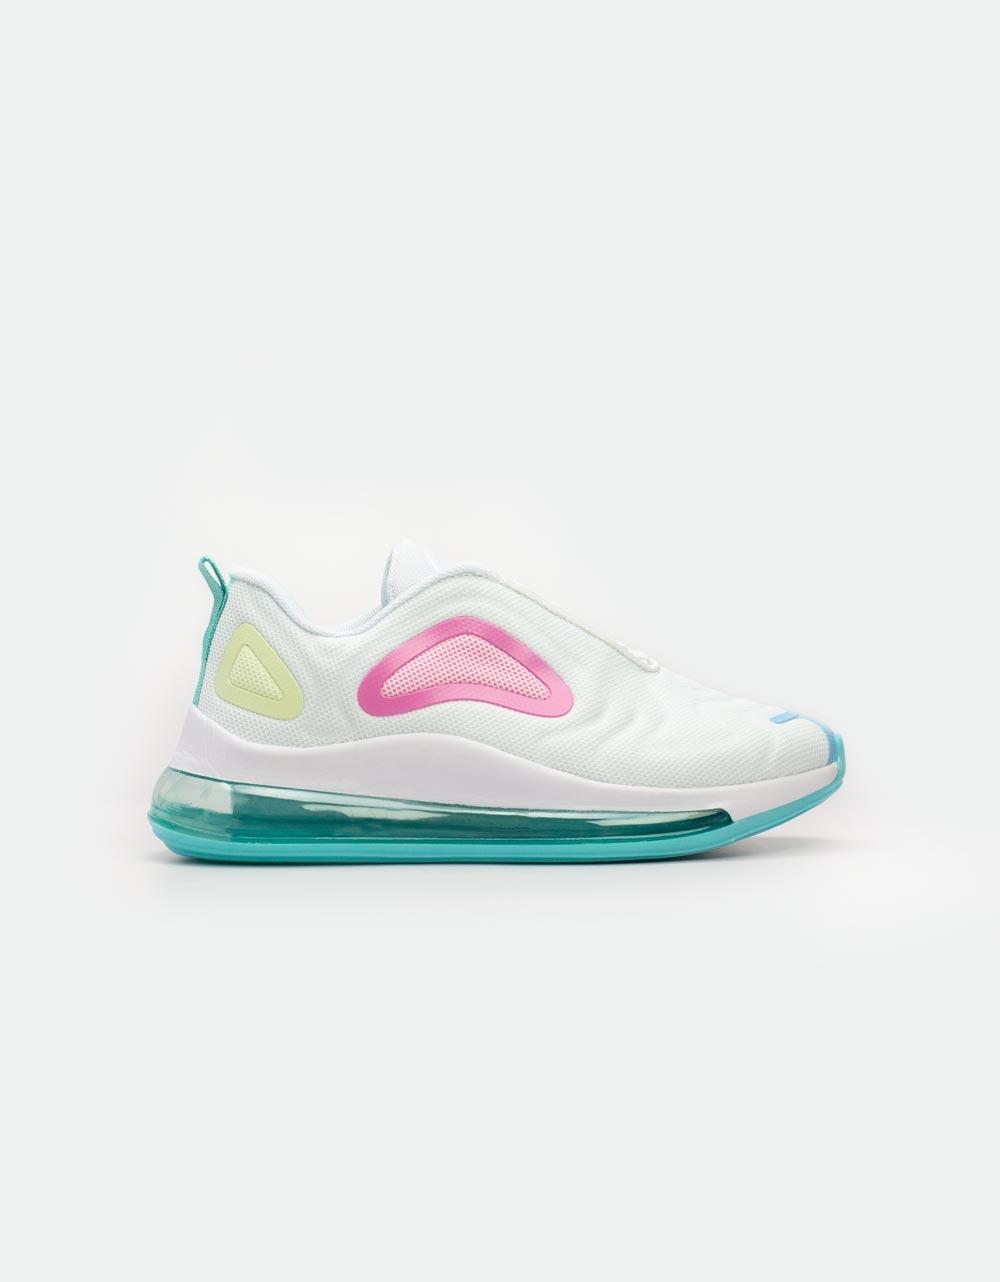 Εικόνα από Γυναικεία sneakers με αερόσολα Λευκό/Ροζ